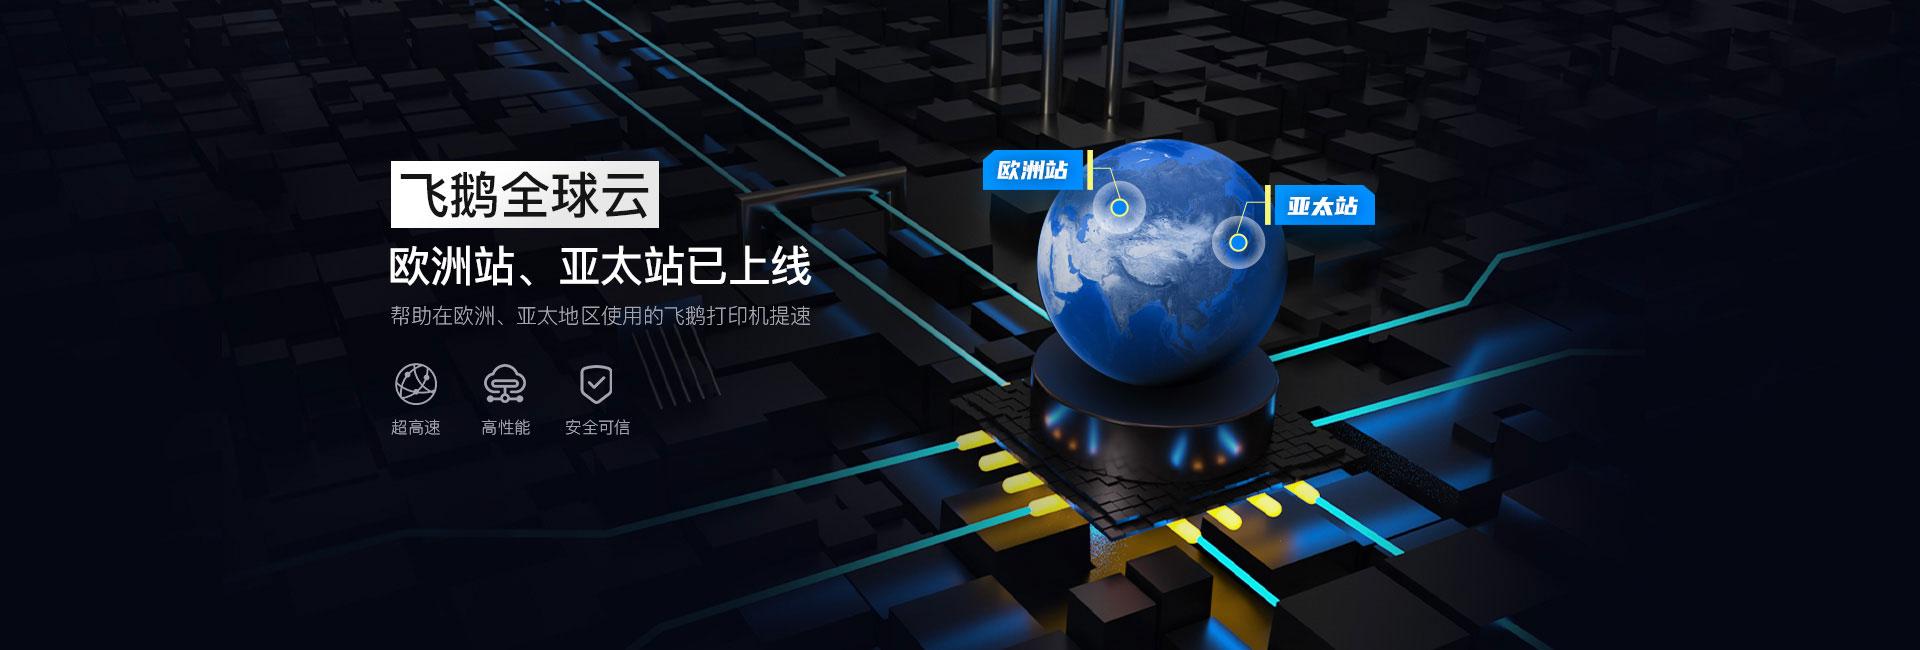 飞鹅全球云欧洲站cq9电子在线官网-cq9电子在线官网官方网站、亚太站已上线